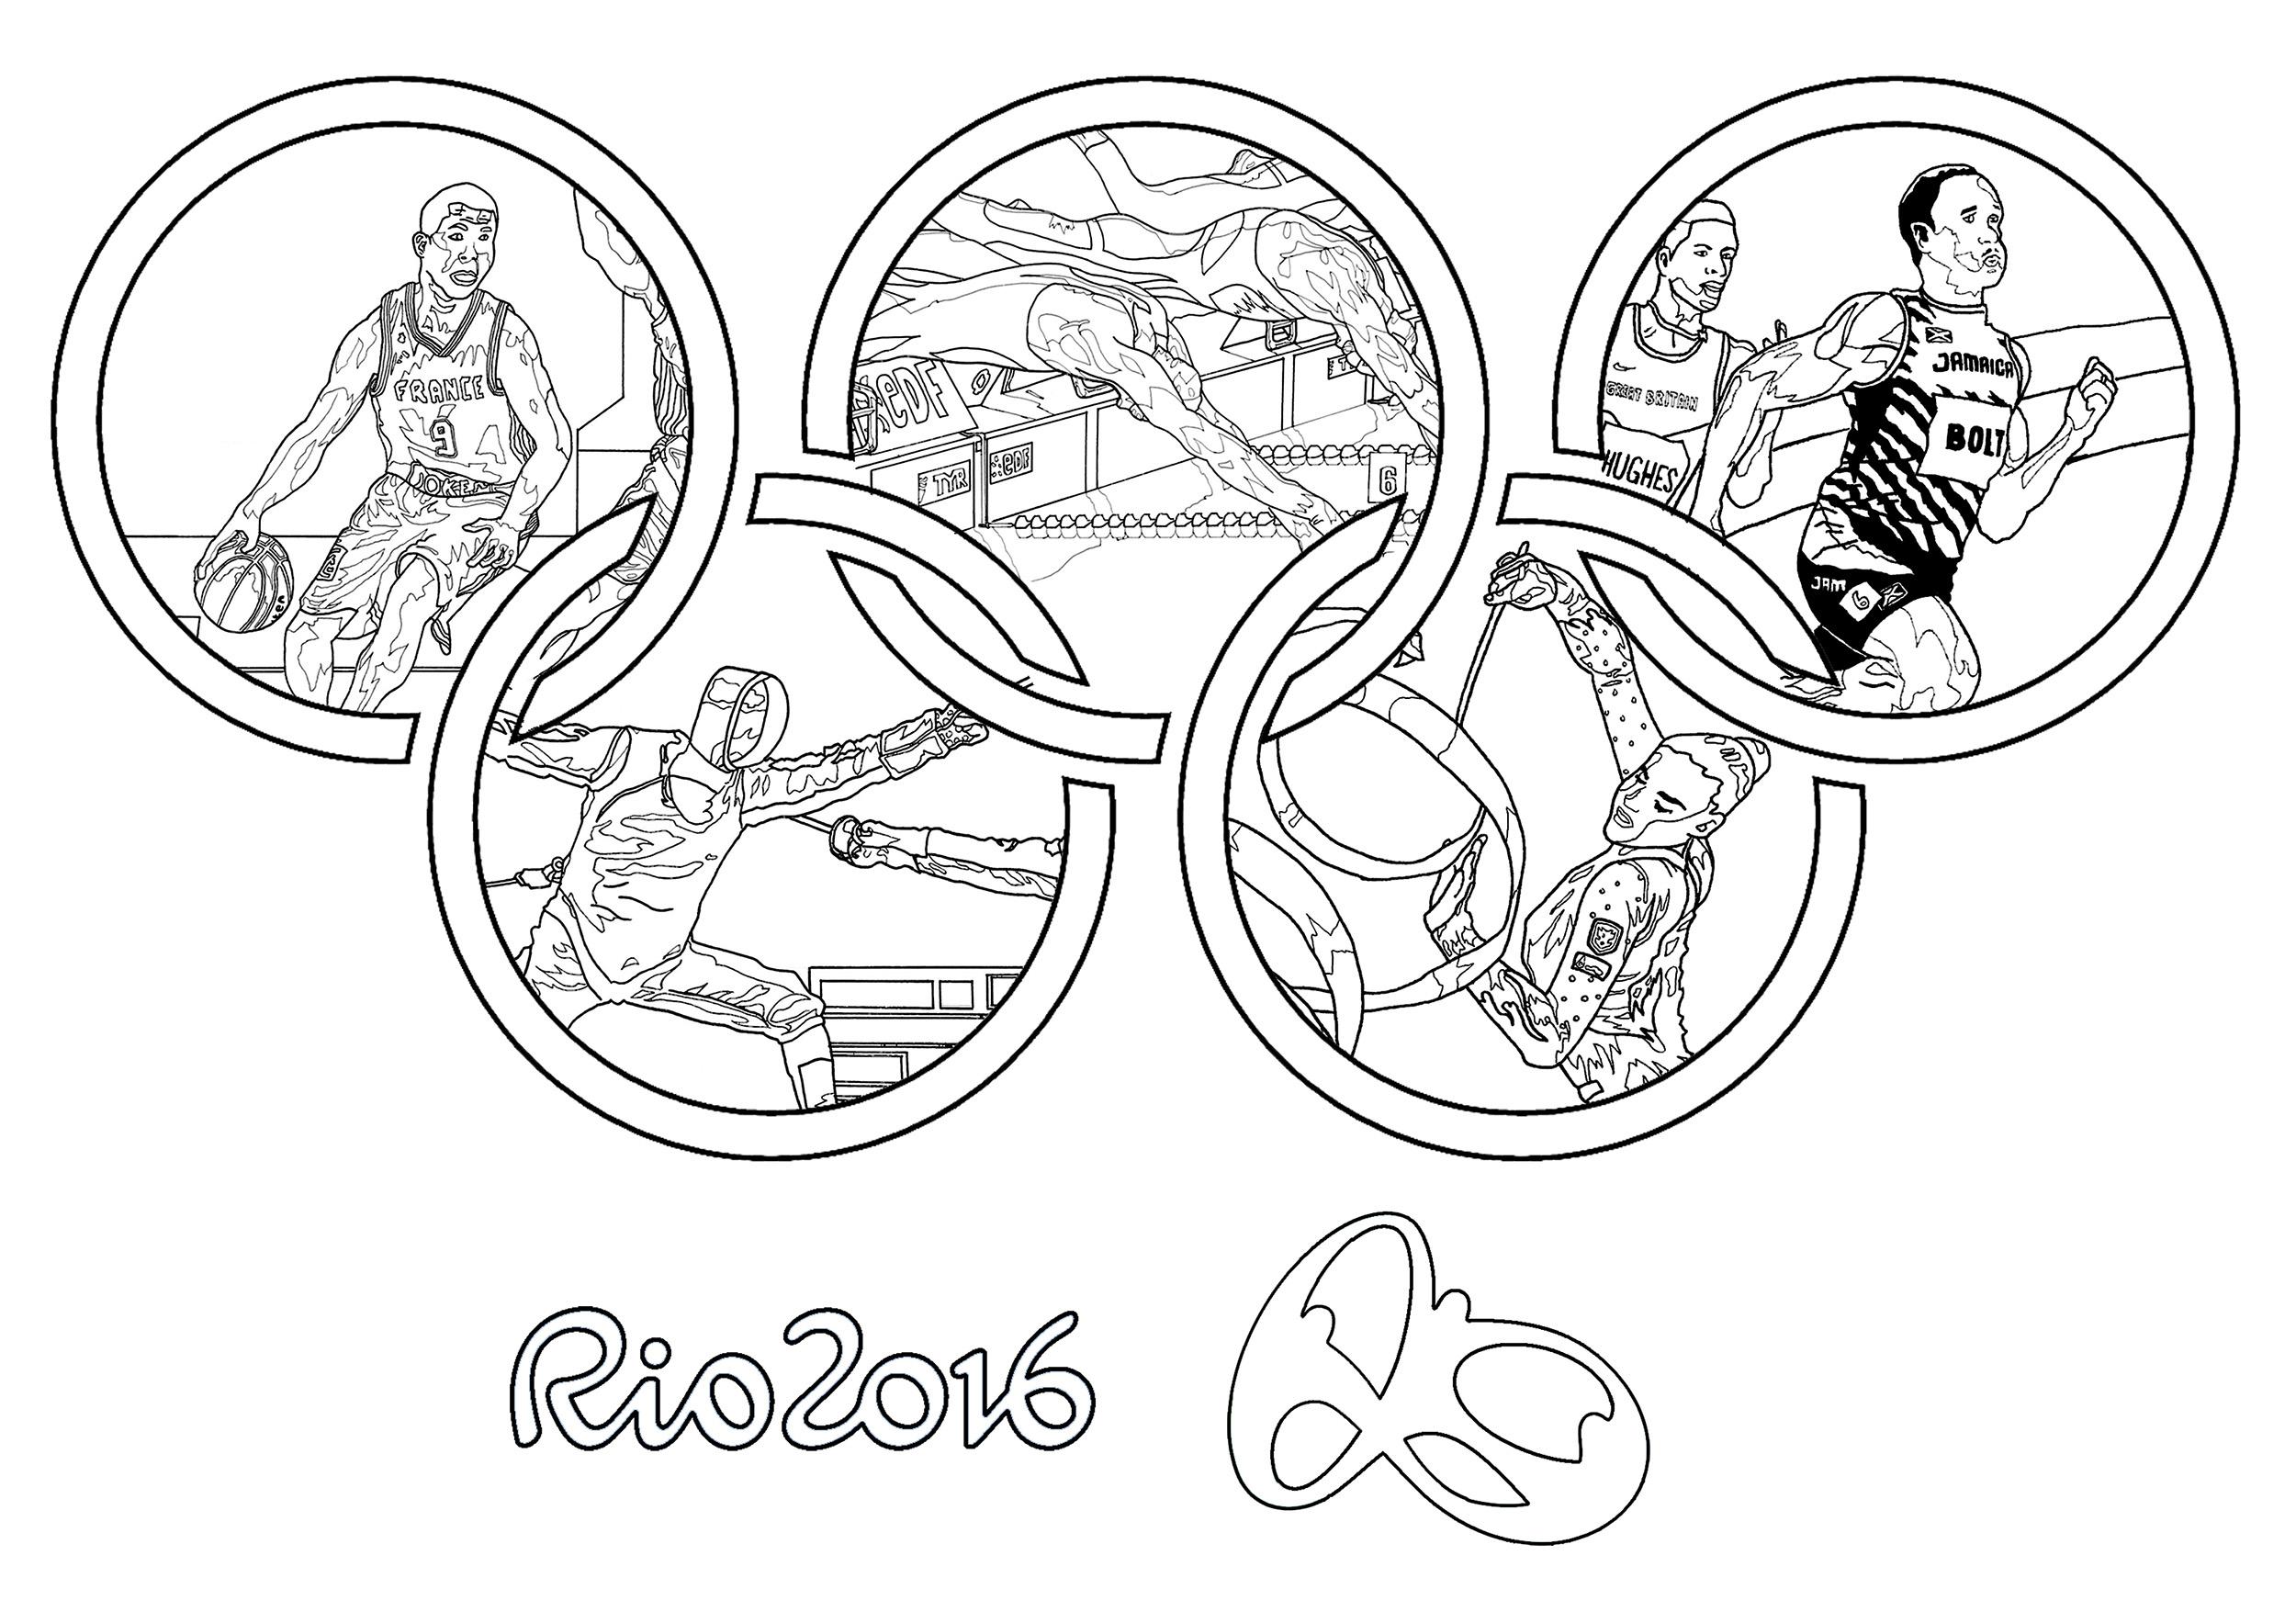 Jeux olympiques rio 2016 anneaux olympiques coloriage sur les jeux olympiqu - Anneaux jeux olympiques ...